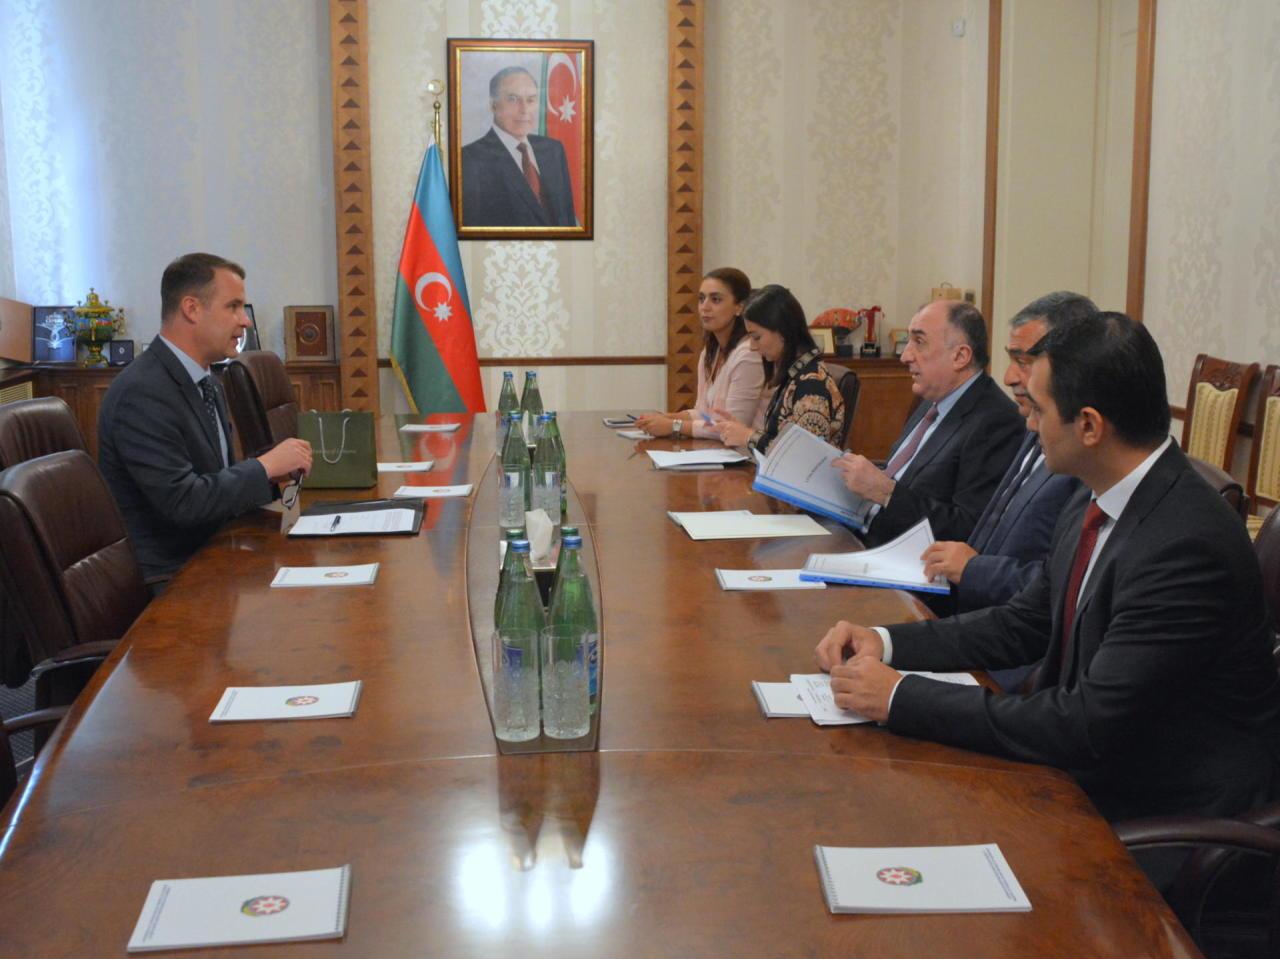 Эльмар Мамедъяров принял нового посла Литвы в Азербайджане